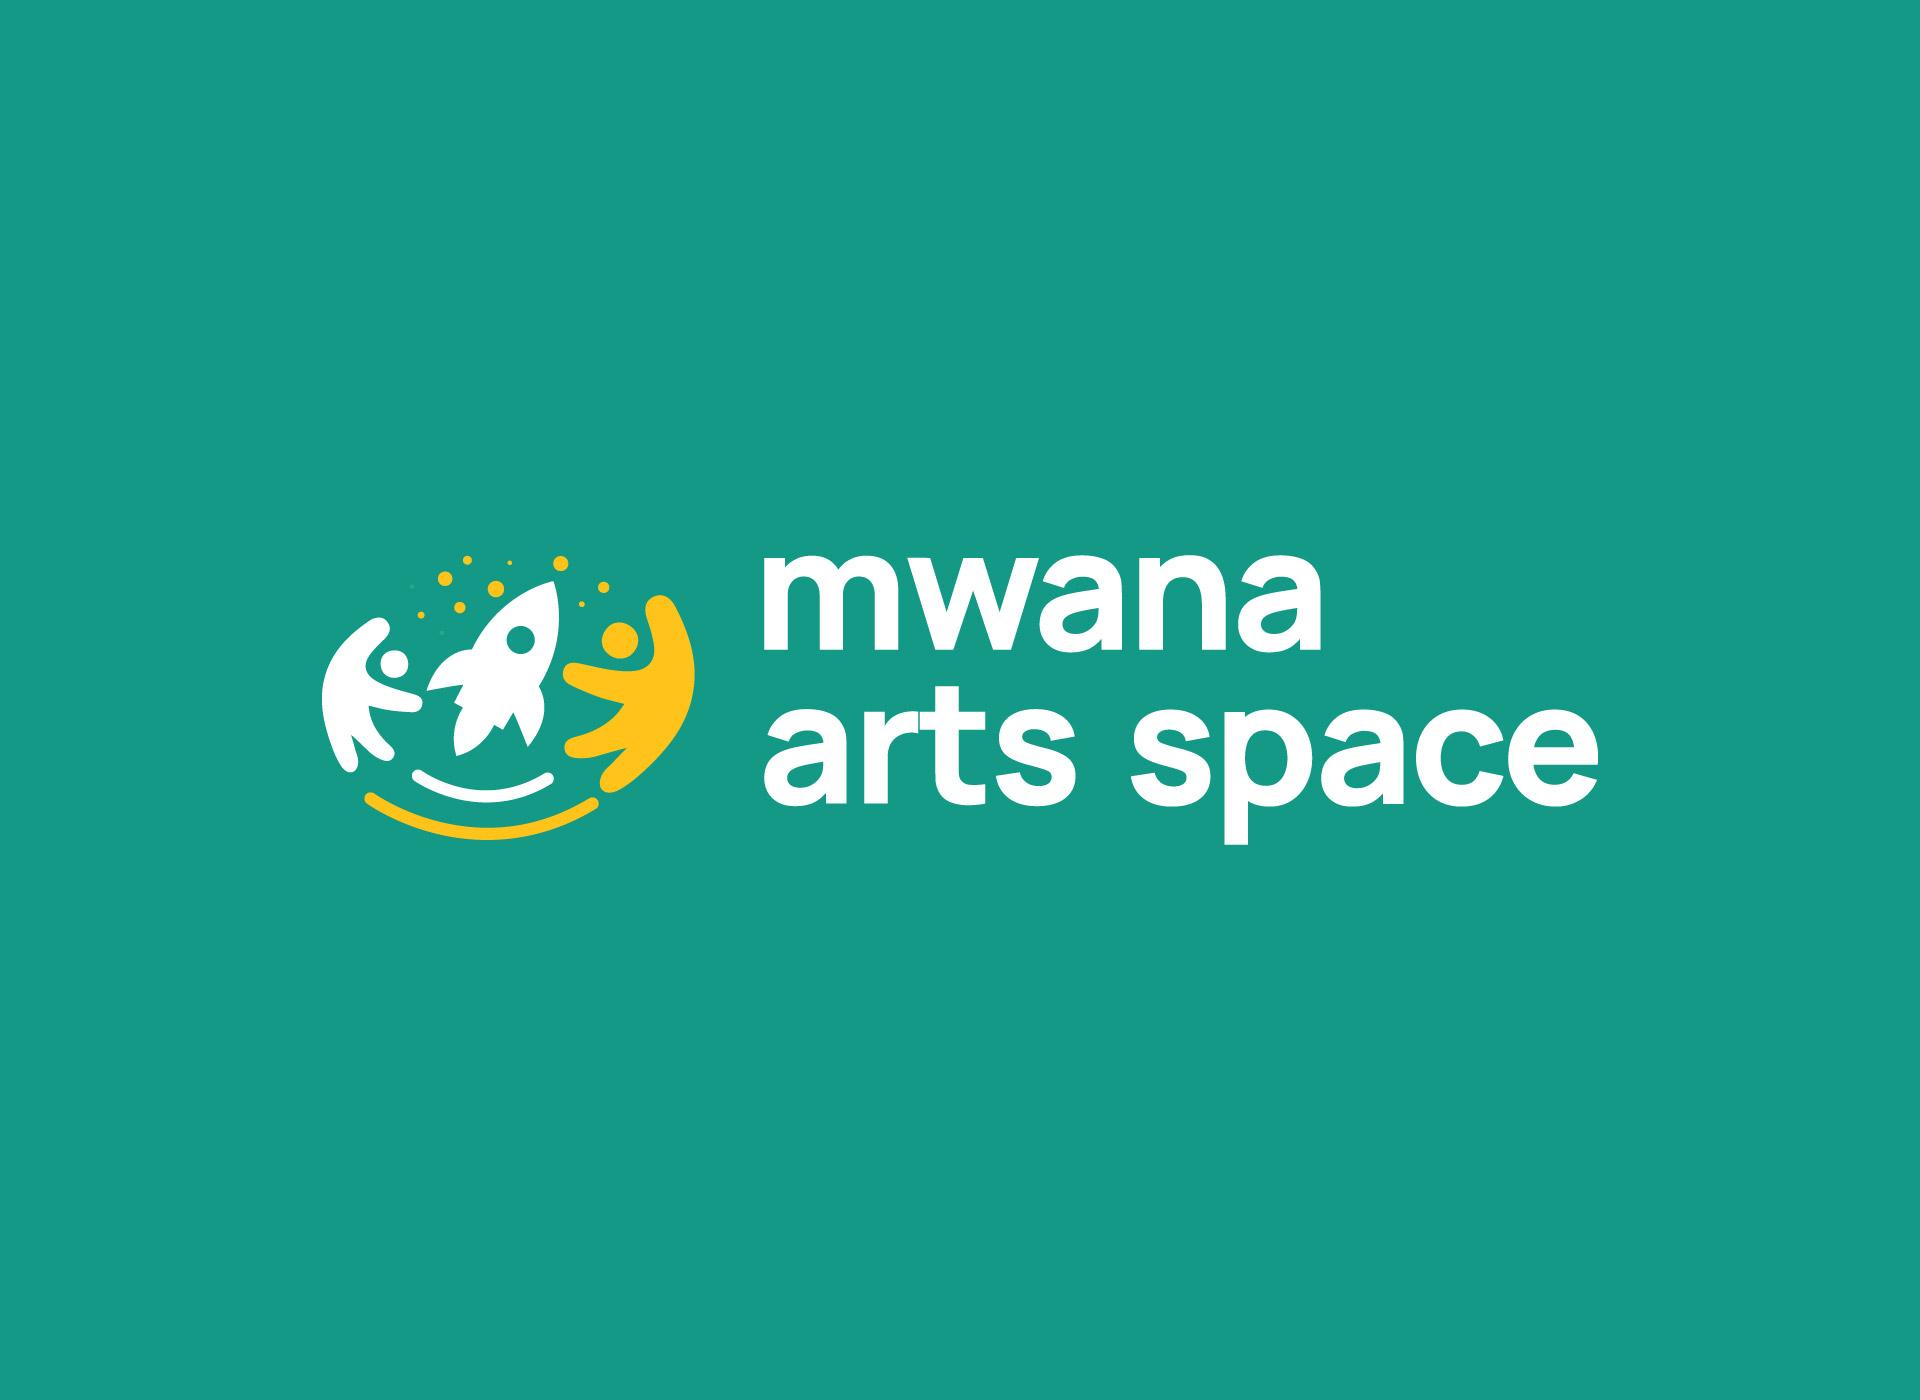 Mwana Arts Space logo variant 1